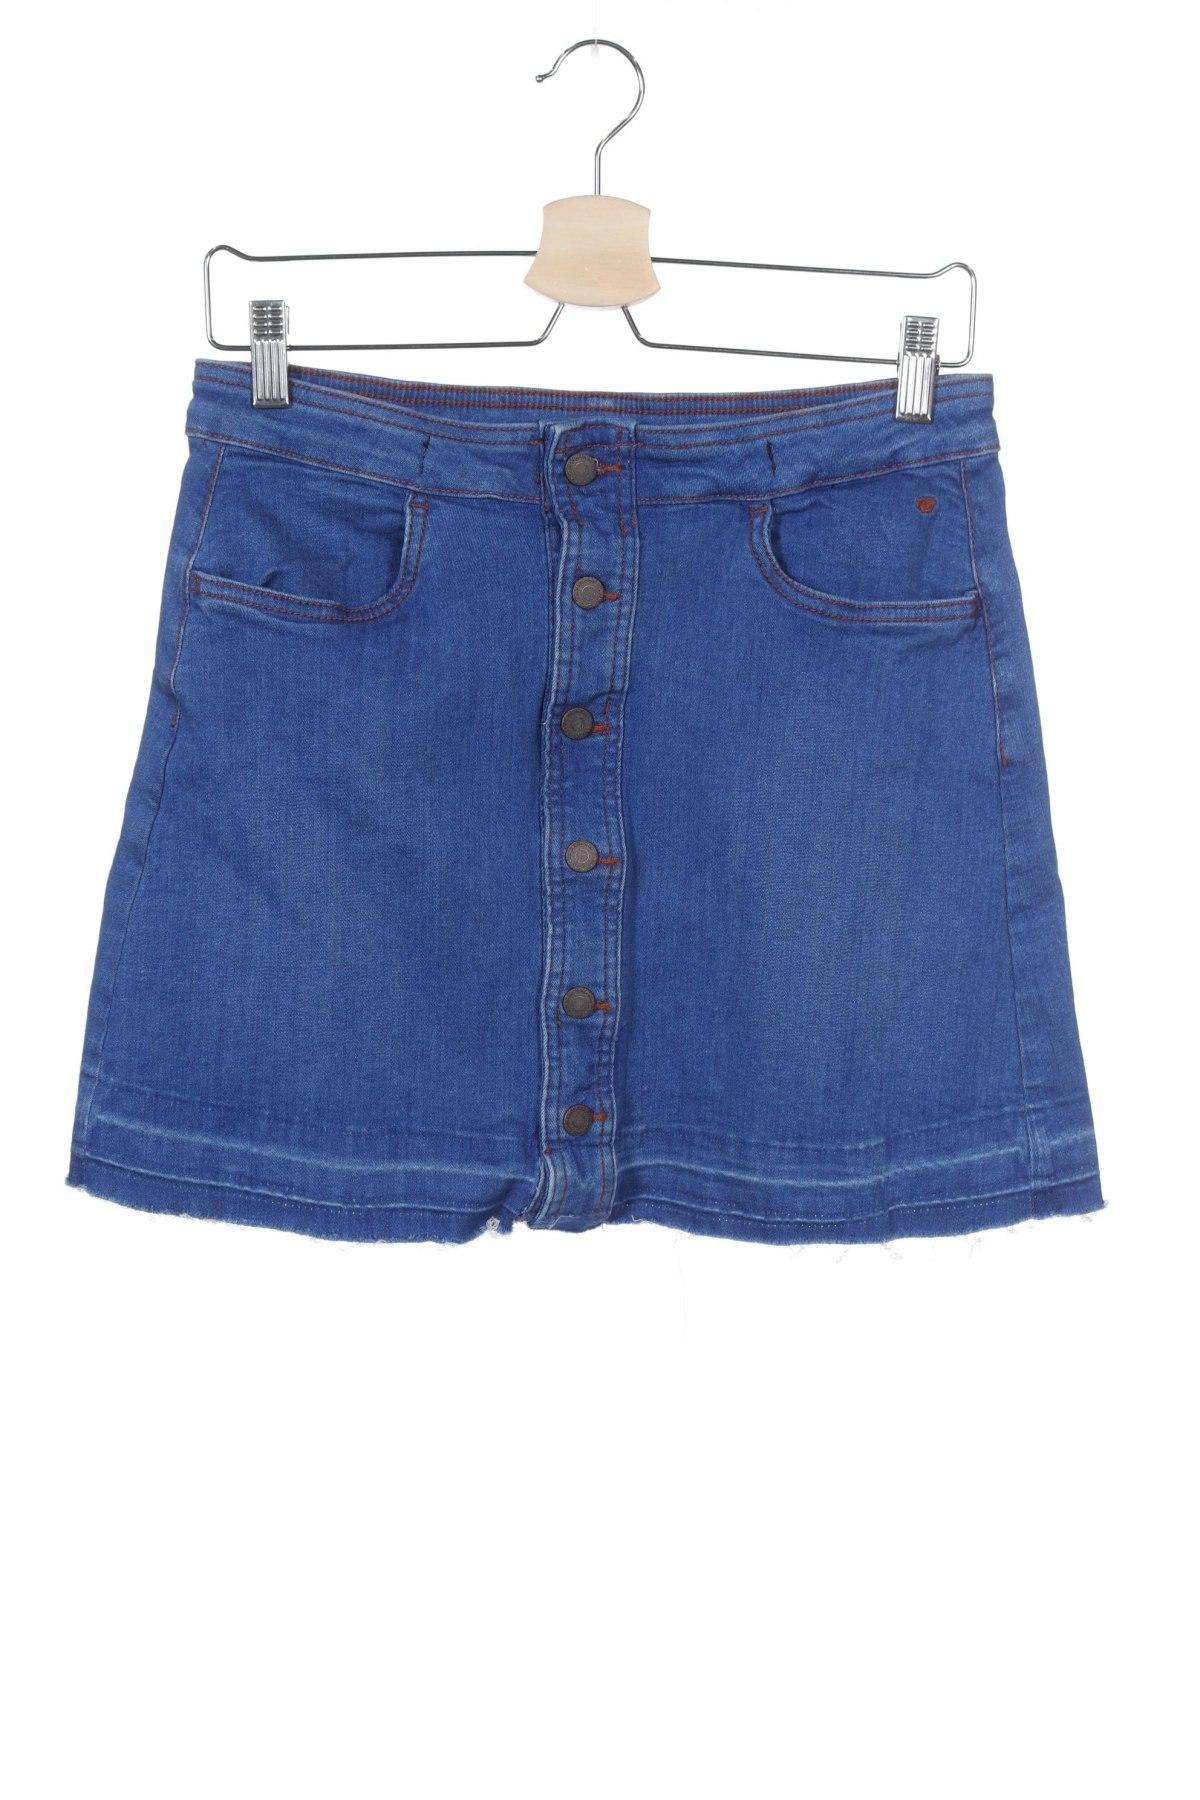 Παιδική φούστα Tom Tailor, Μέγεθος 15-18y/ 170-176 εκ., Χρώμα Μπλέ, 98% βαμβάκι, 2% ελαστάνη, Τιμή 10,64€